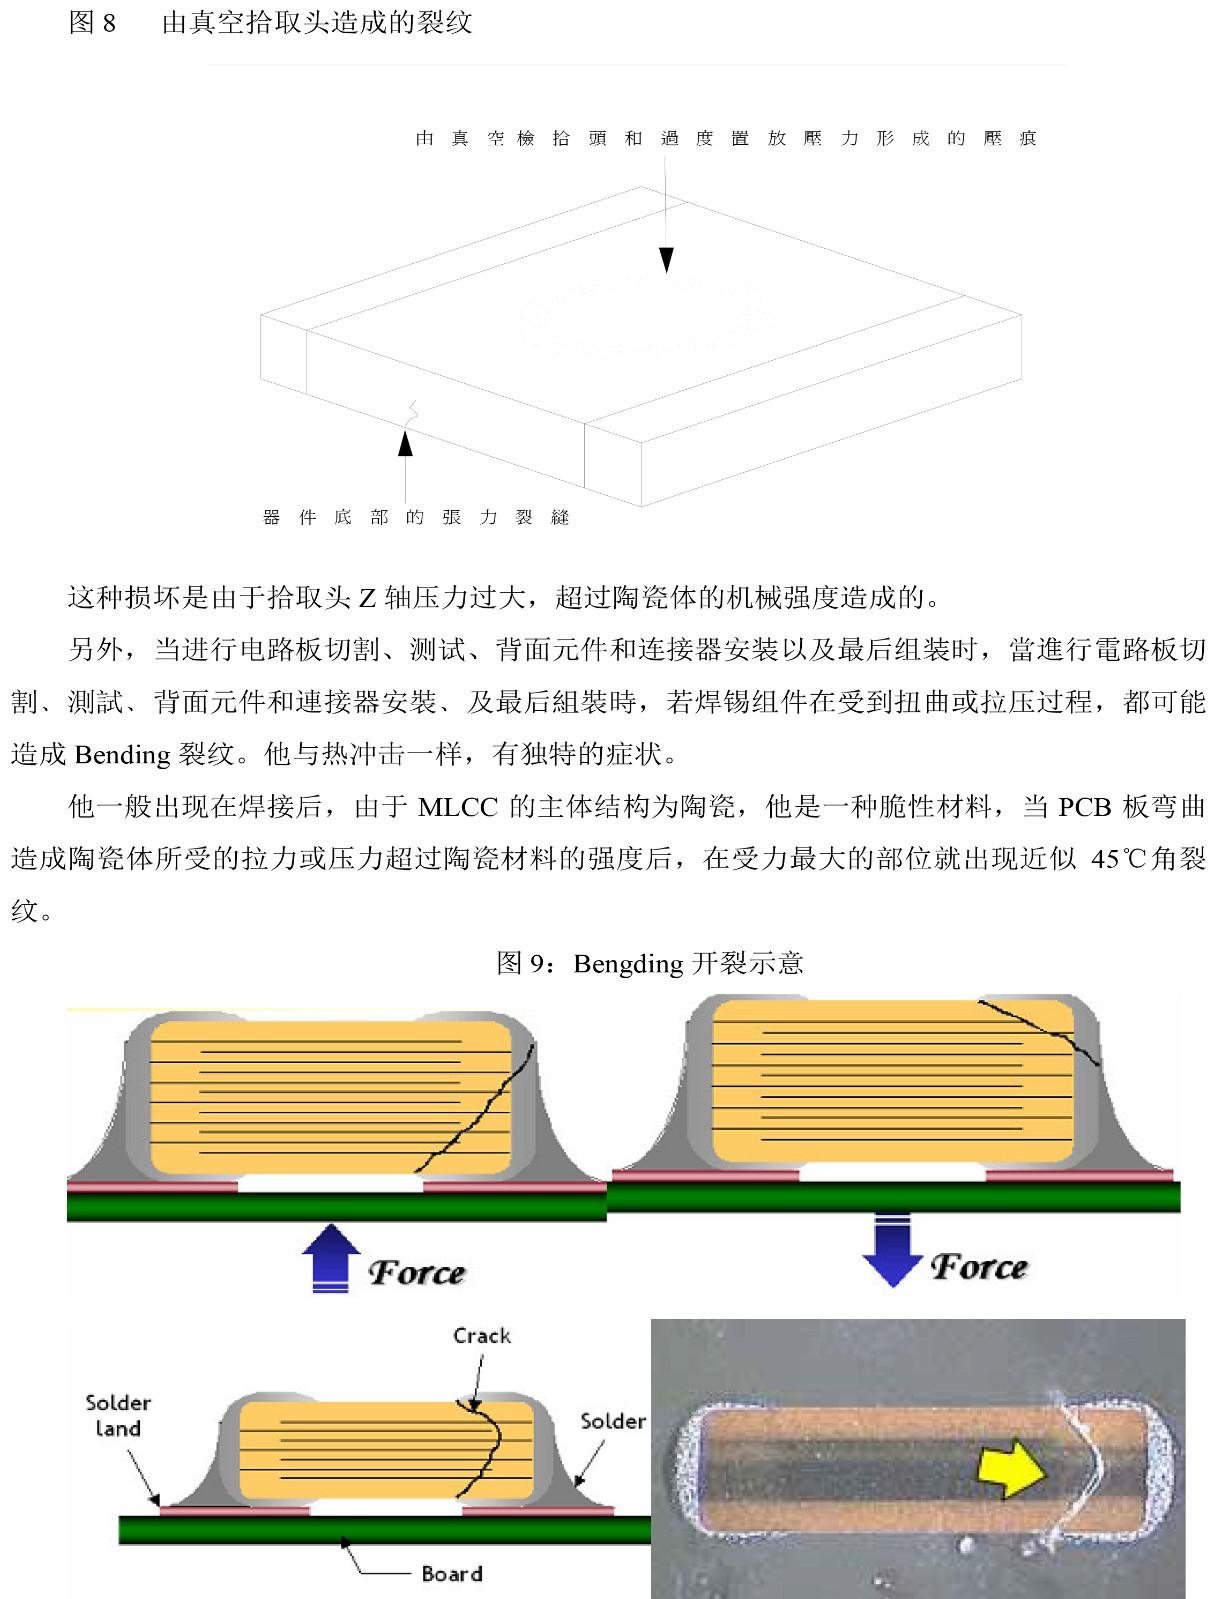 獨石電容產品斷裂機理